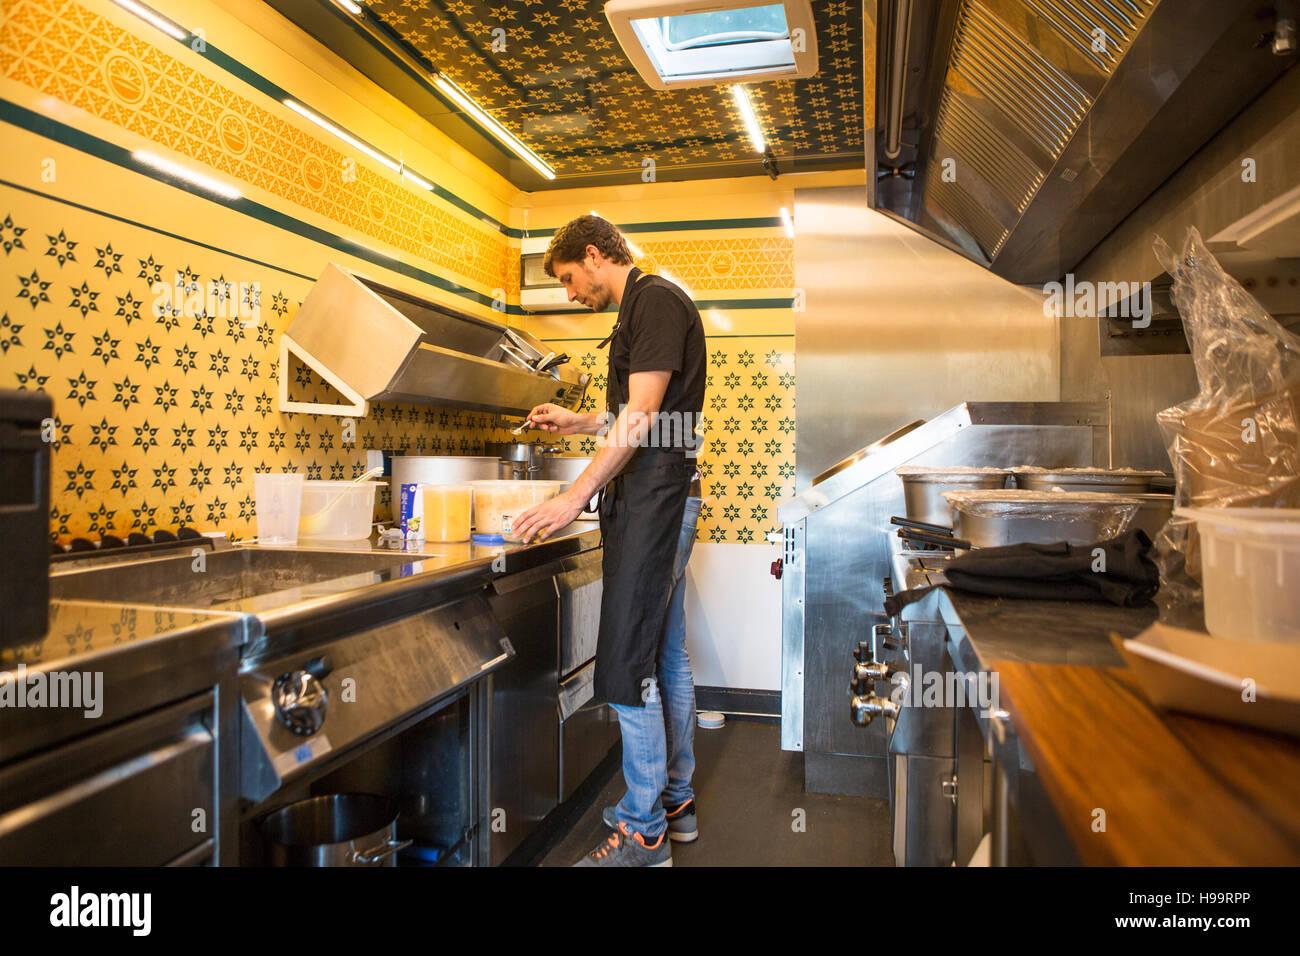 Tablier avec entrepreneur travaillant en cuisine commerciale au camion alimentaire Banque D'Images